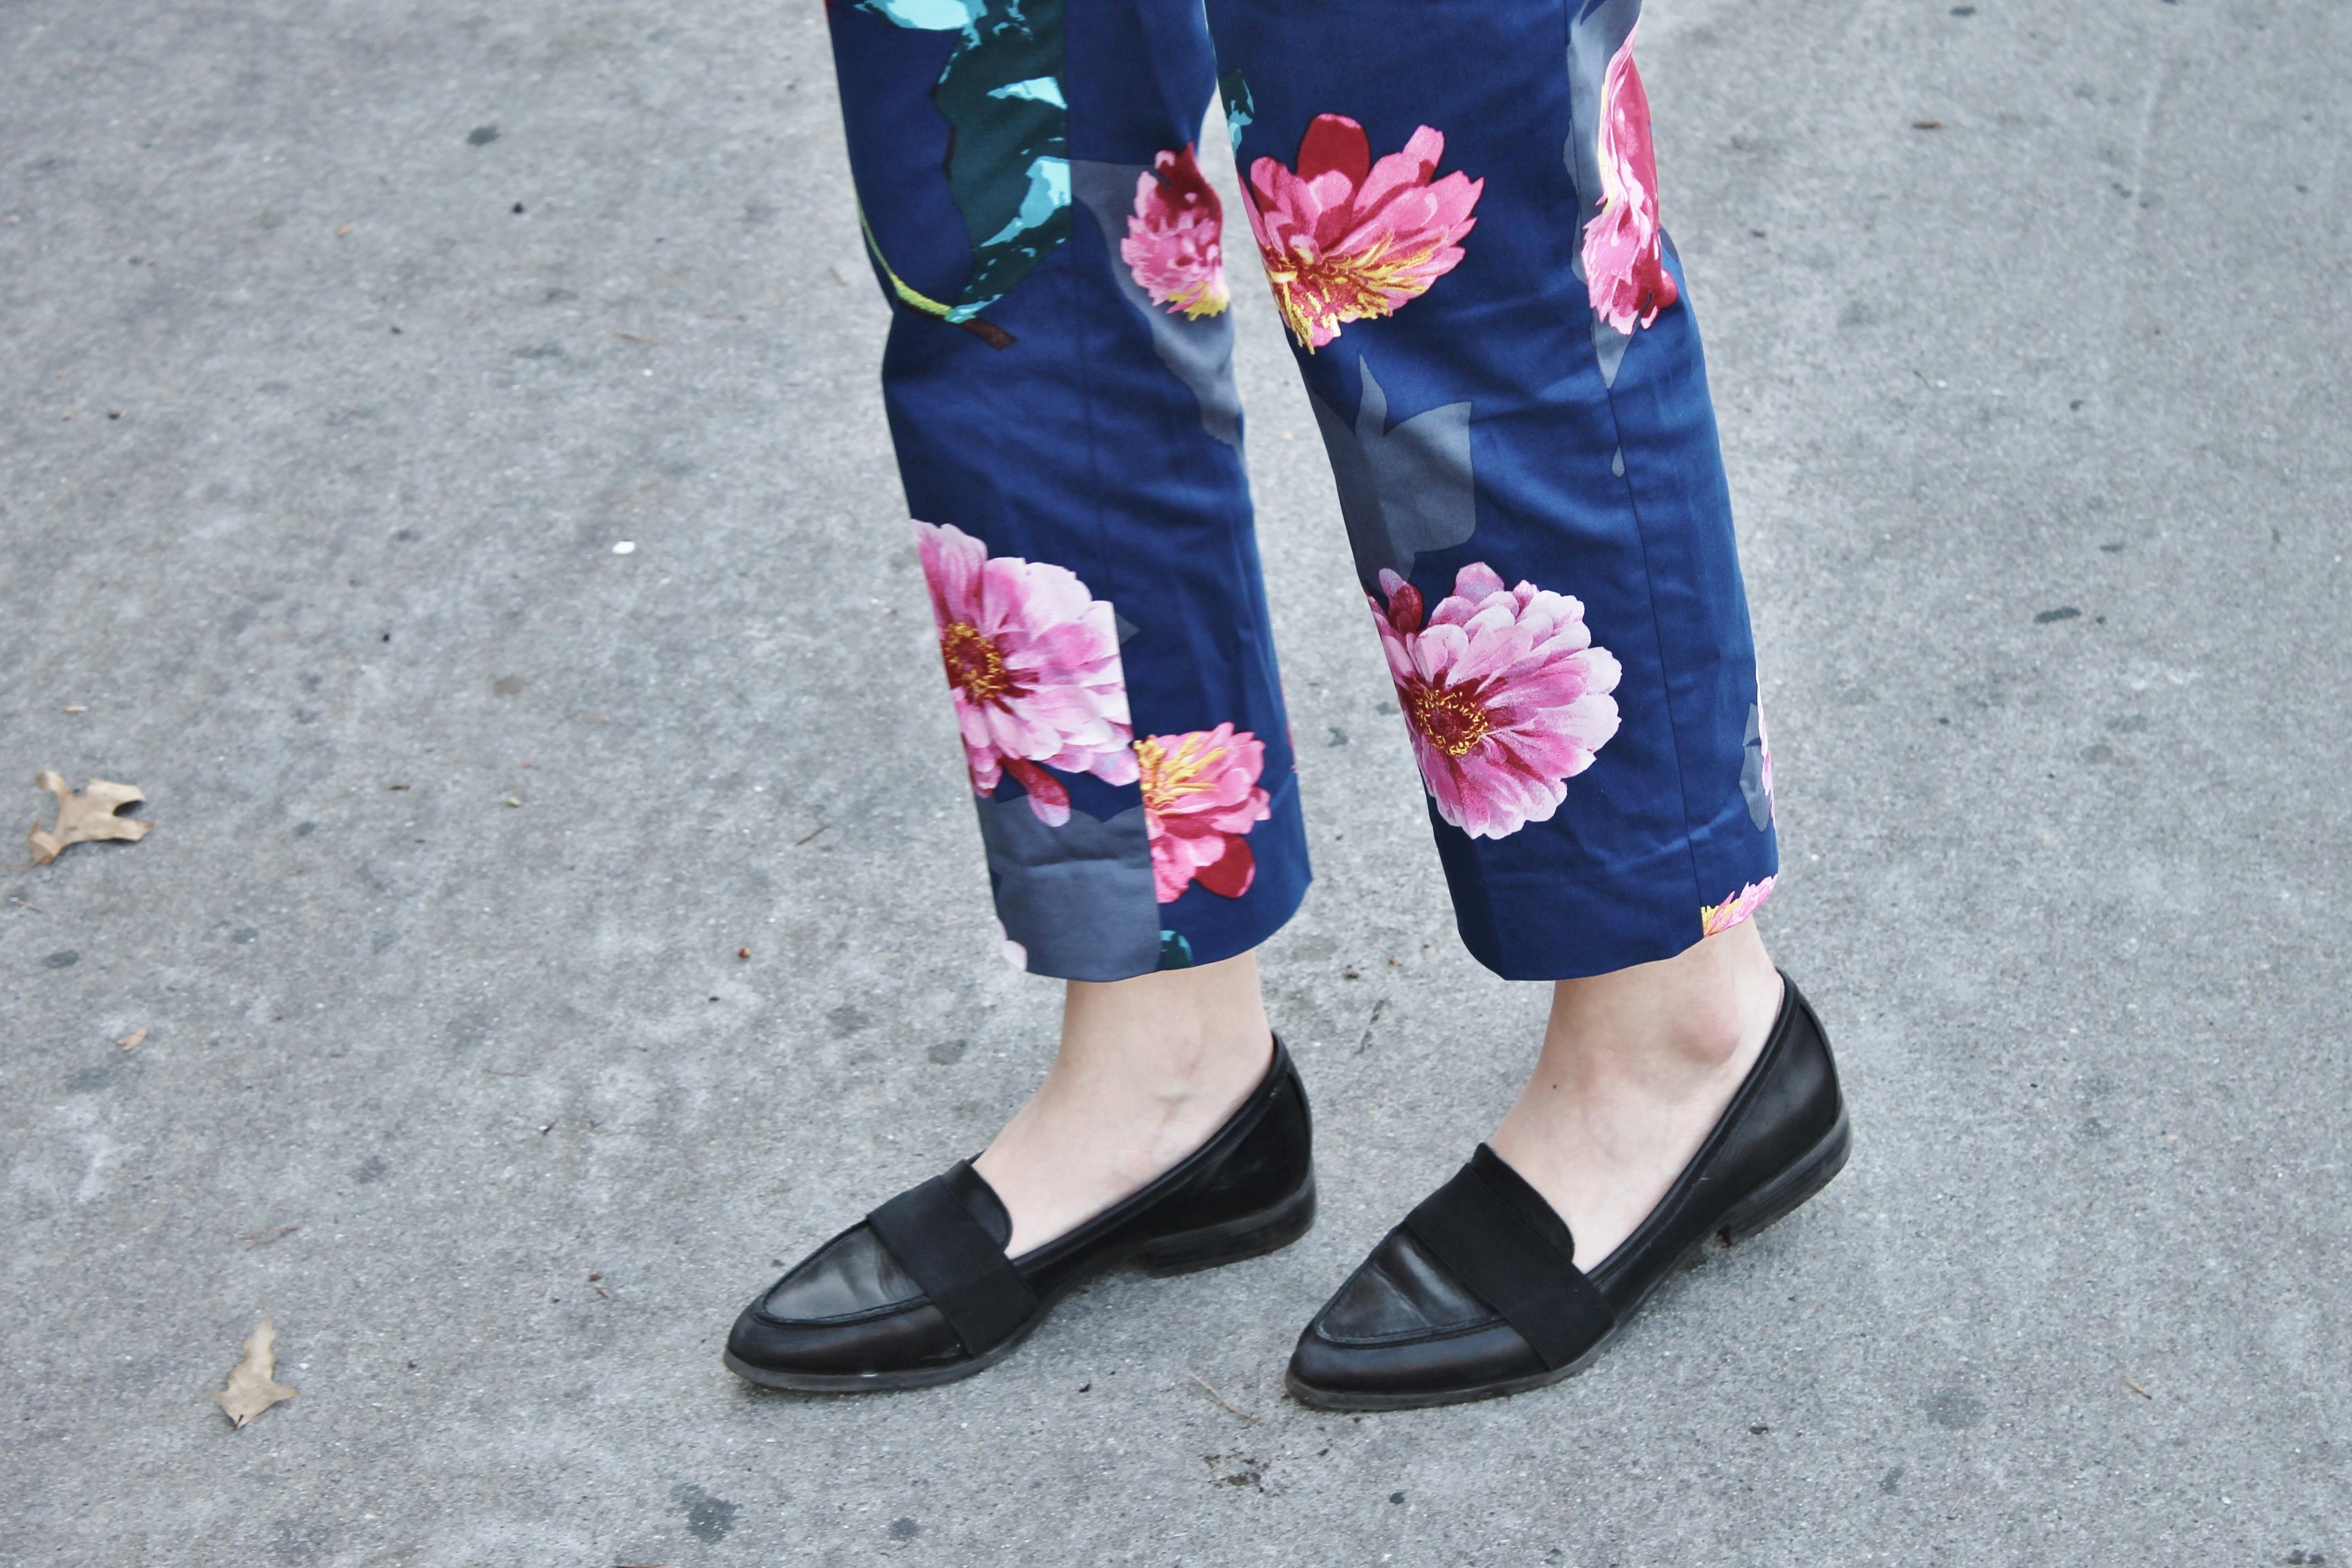 spring florals |www.whatkumquat.com